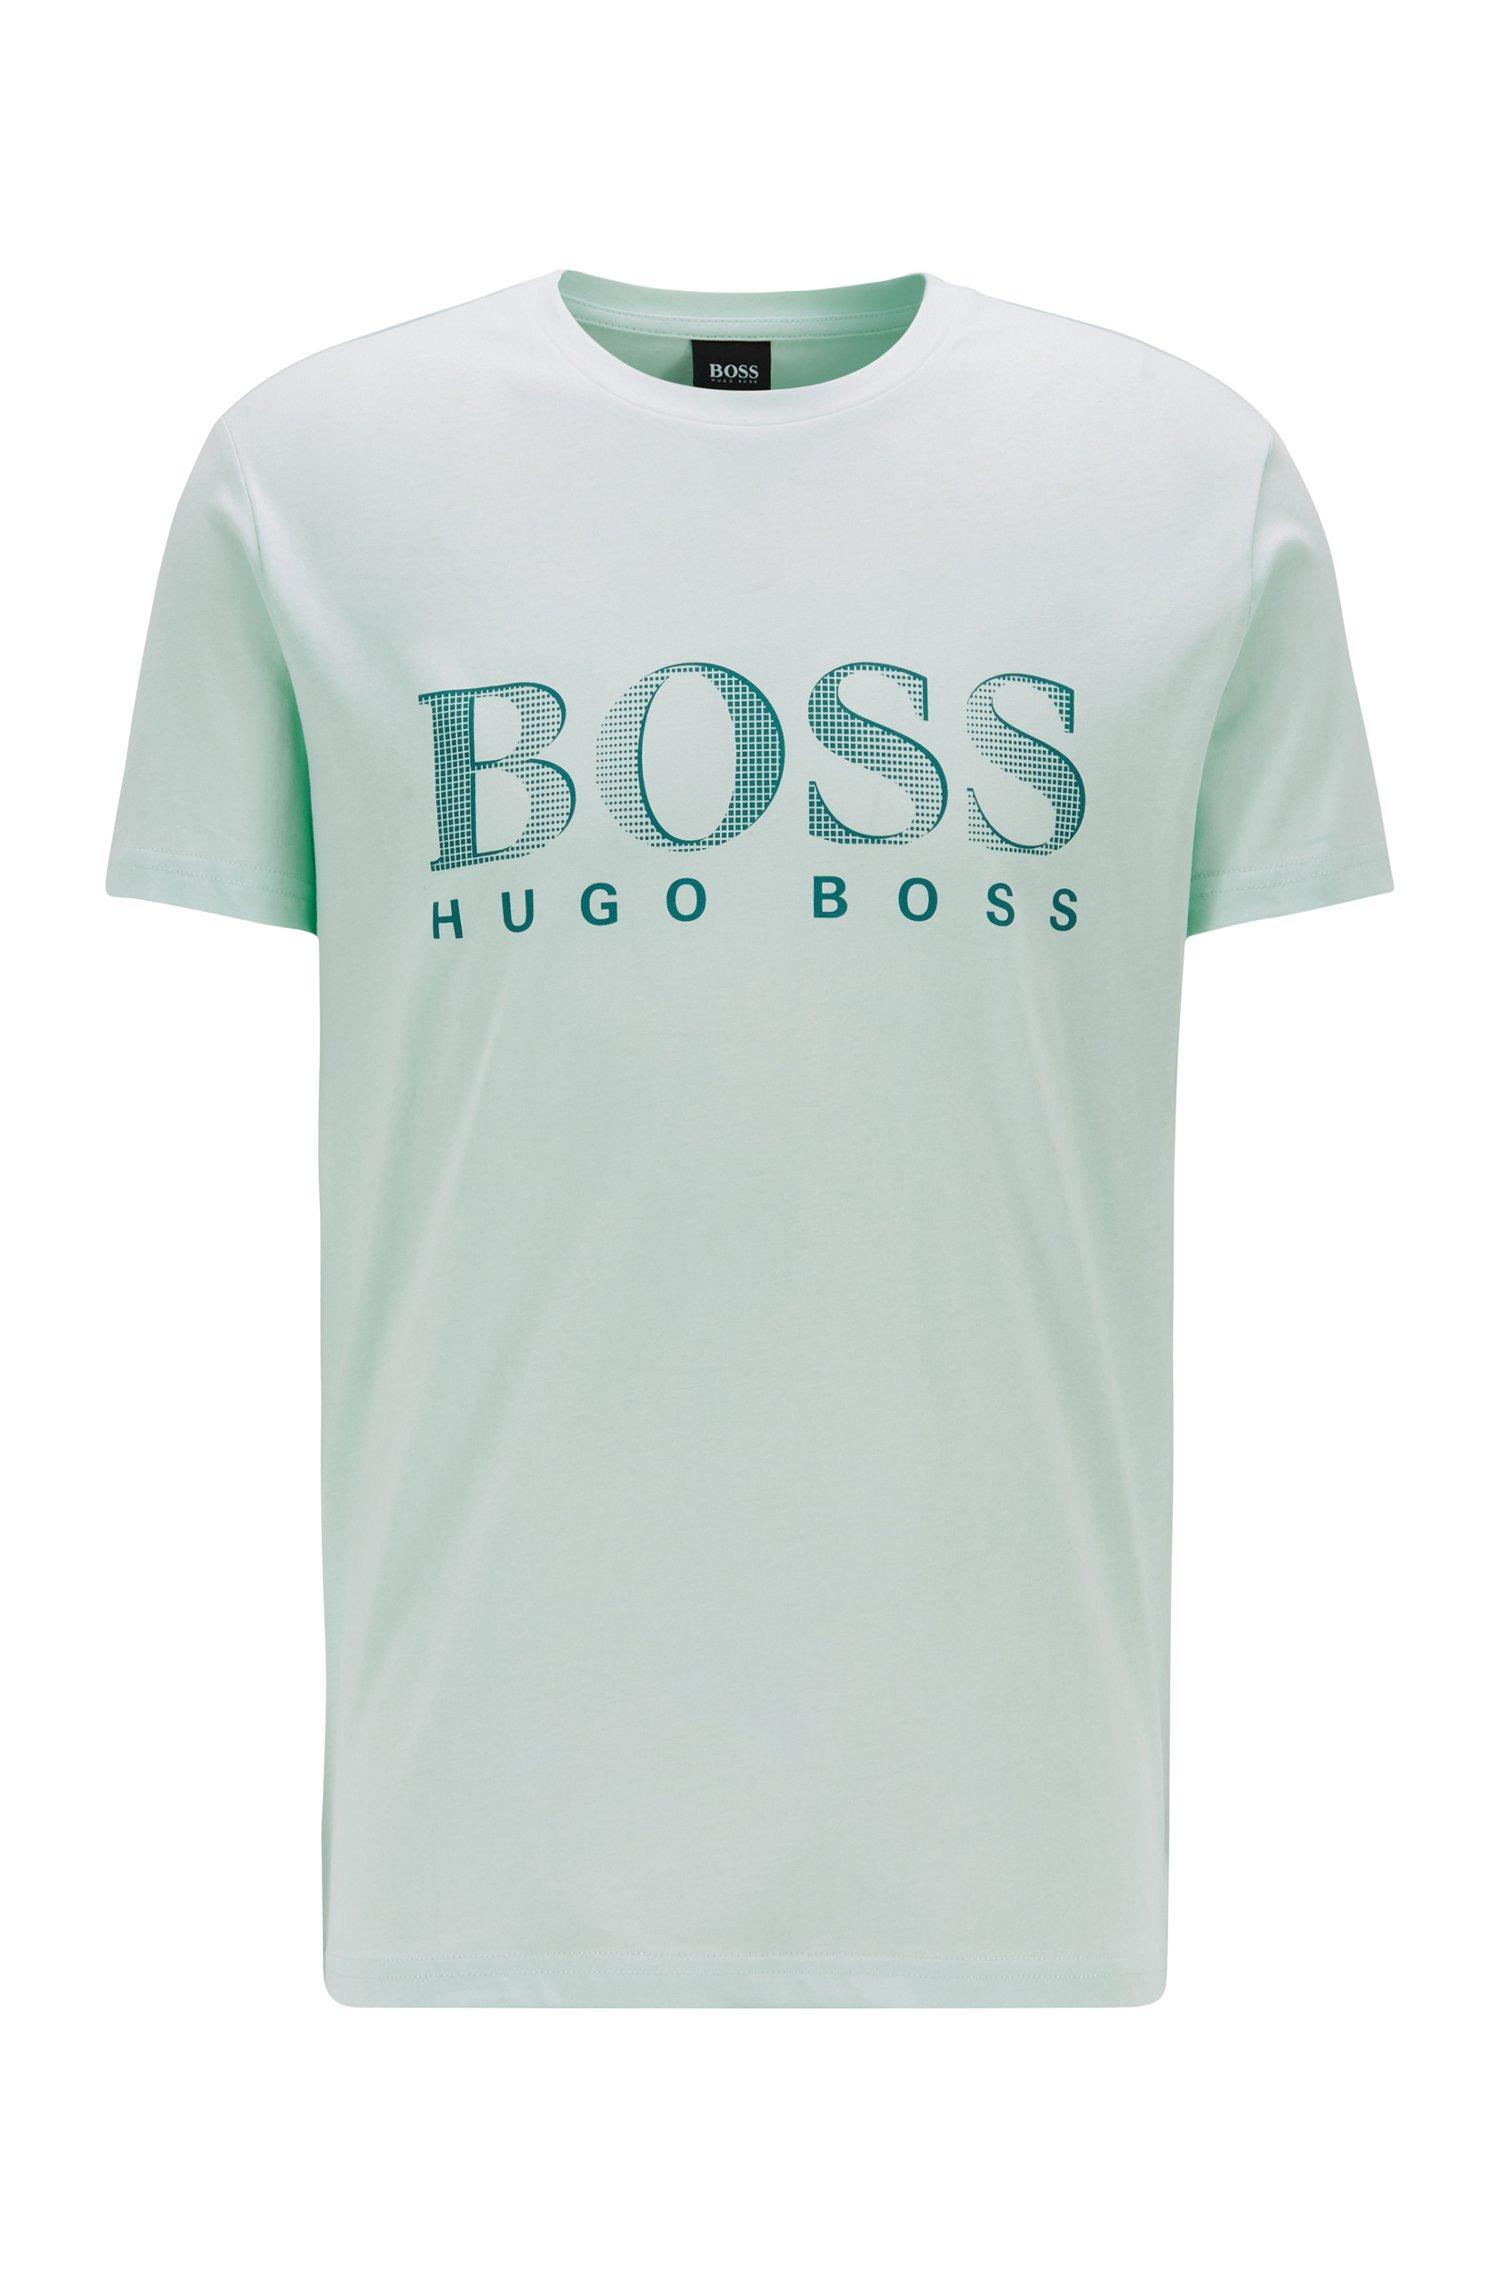 T-Shirt aus Baumwolle mit UV-Schutzfaktor 50+, Hellgrün